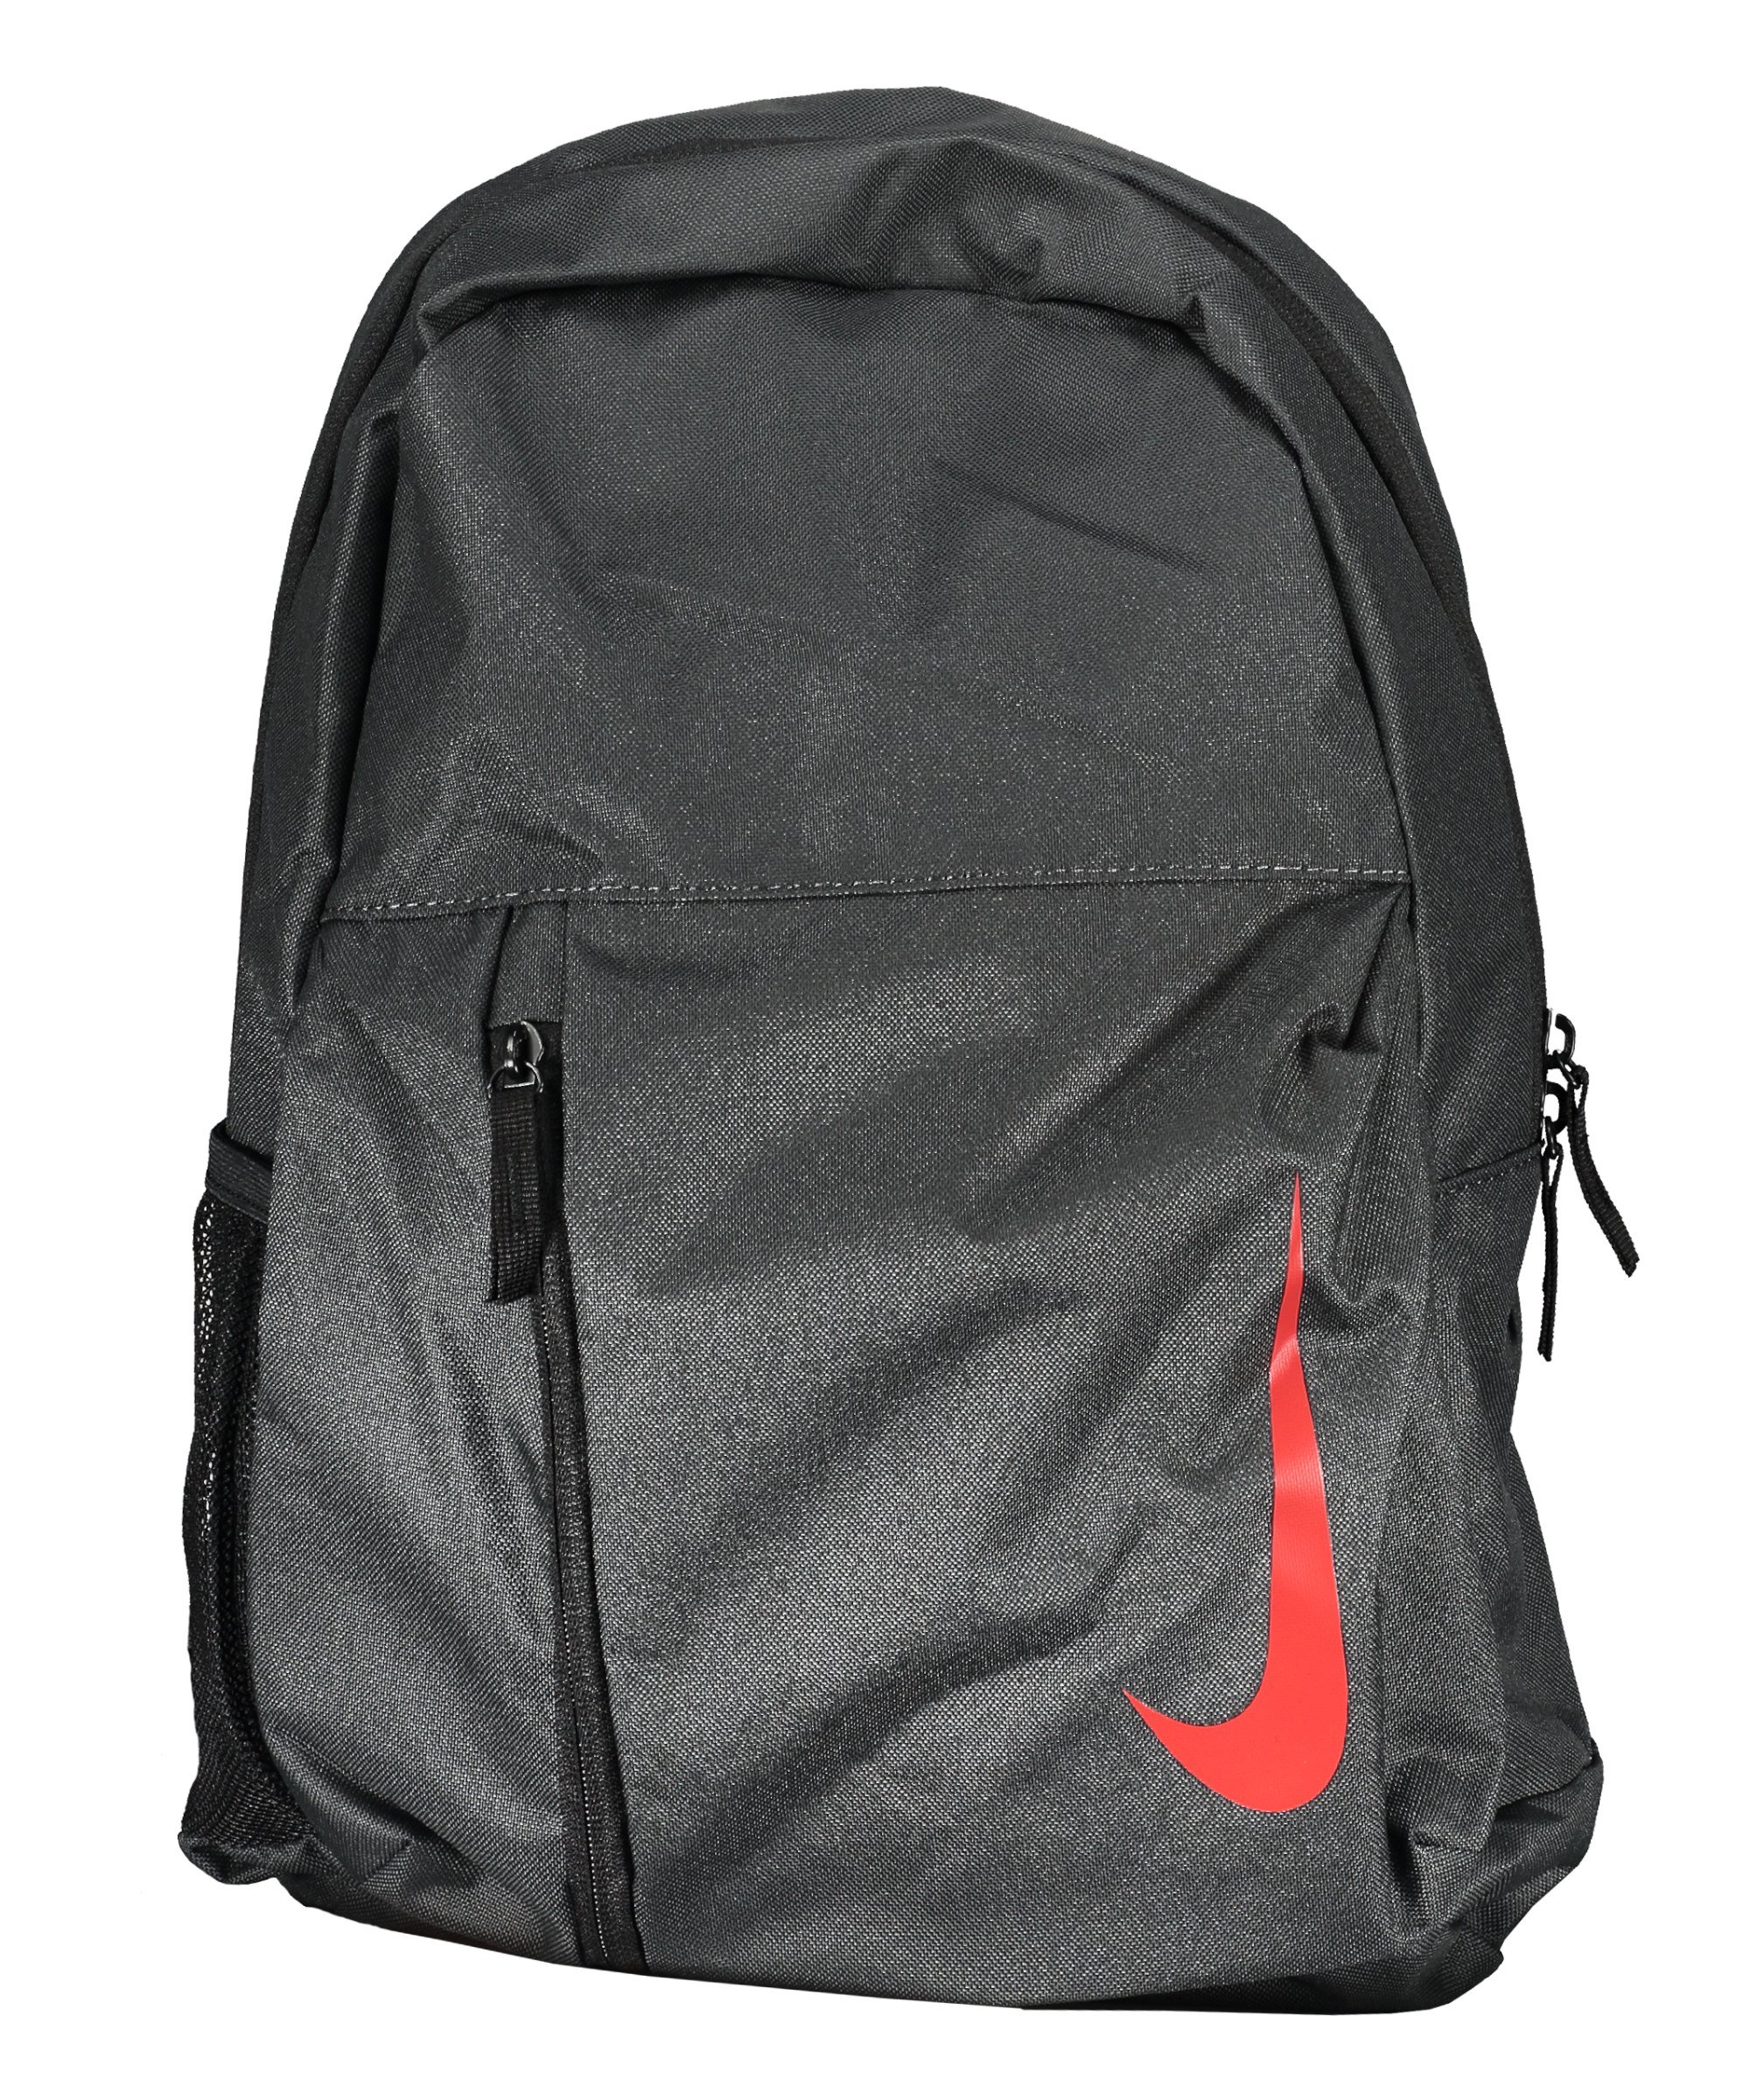 Nike Youth Backpack Rucksack Kids Grau F070 - grau